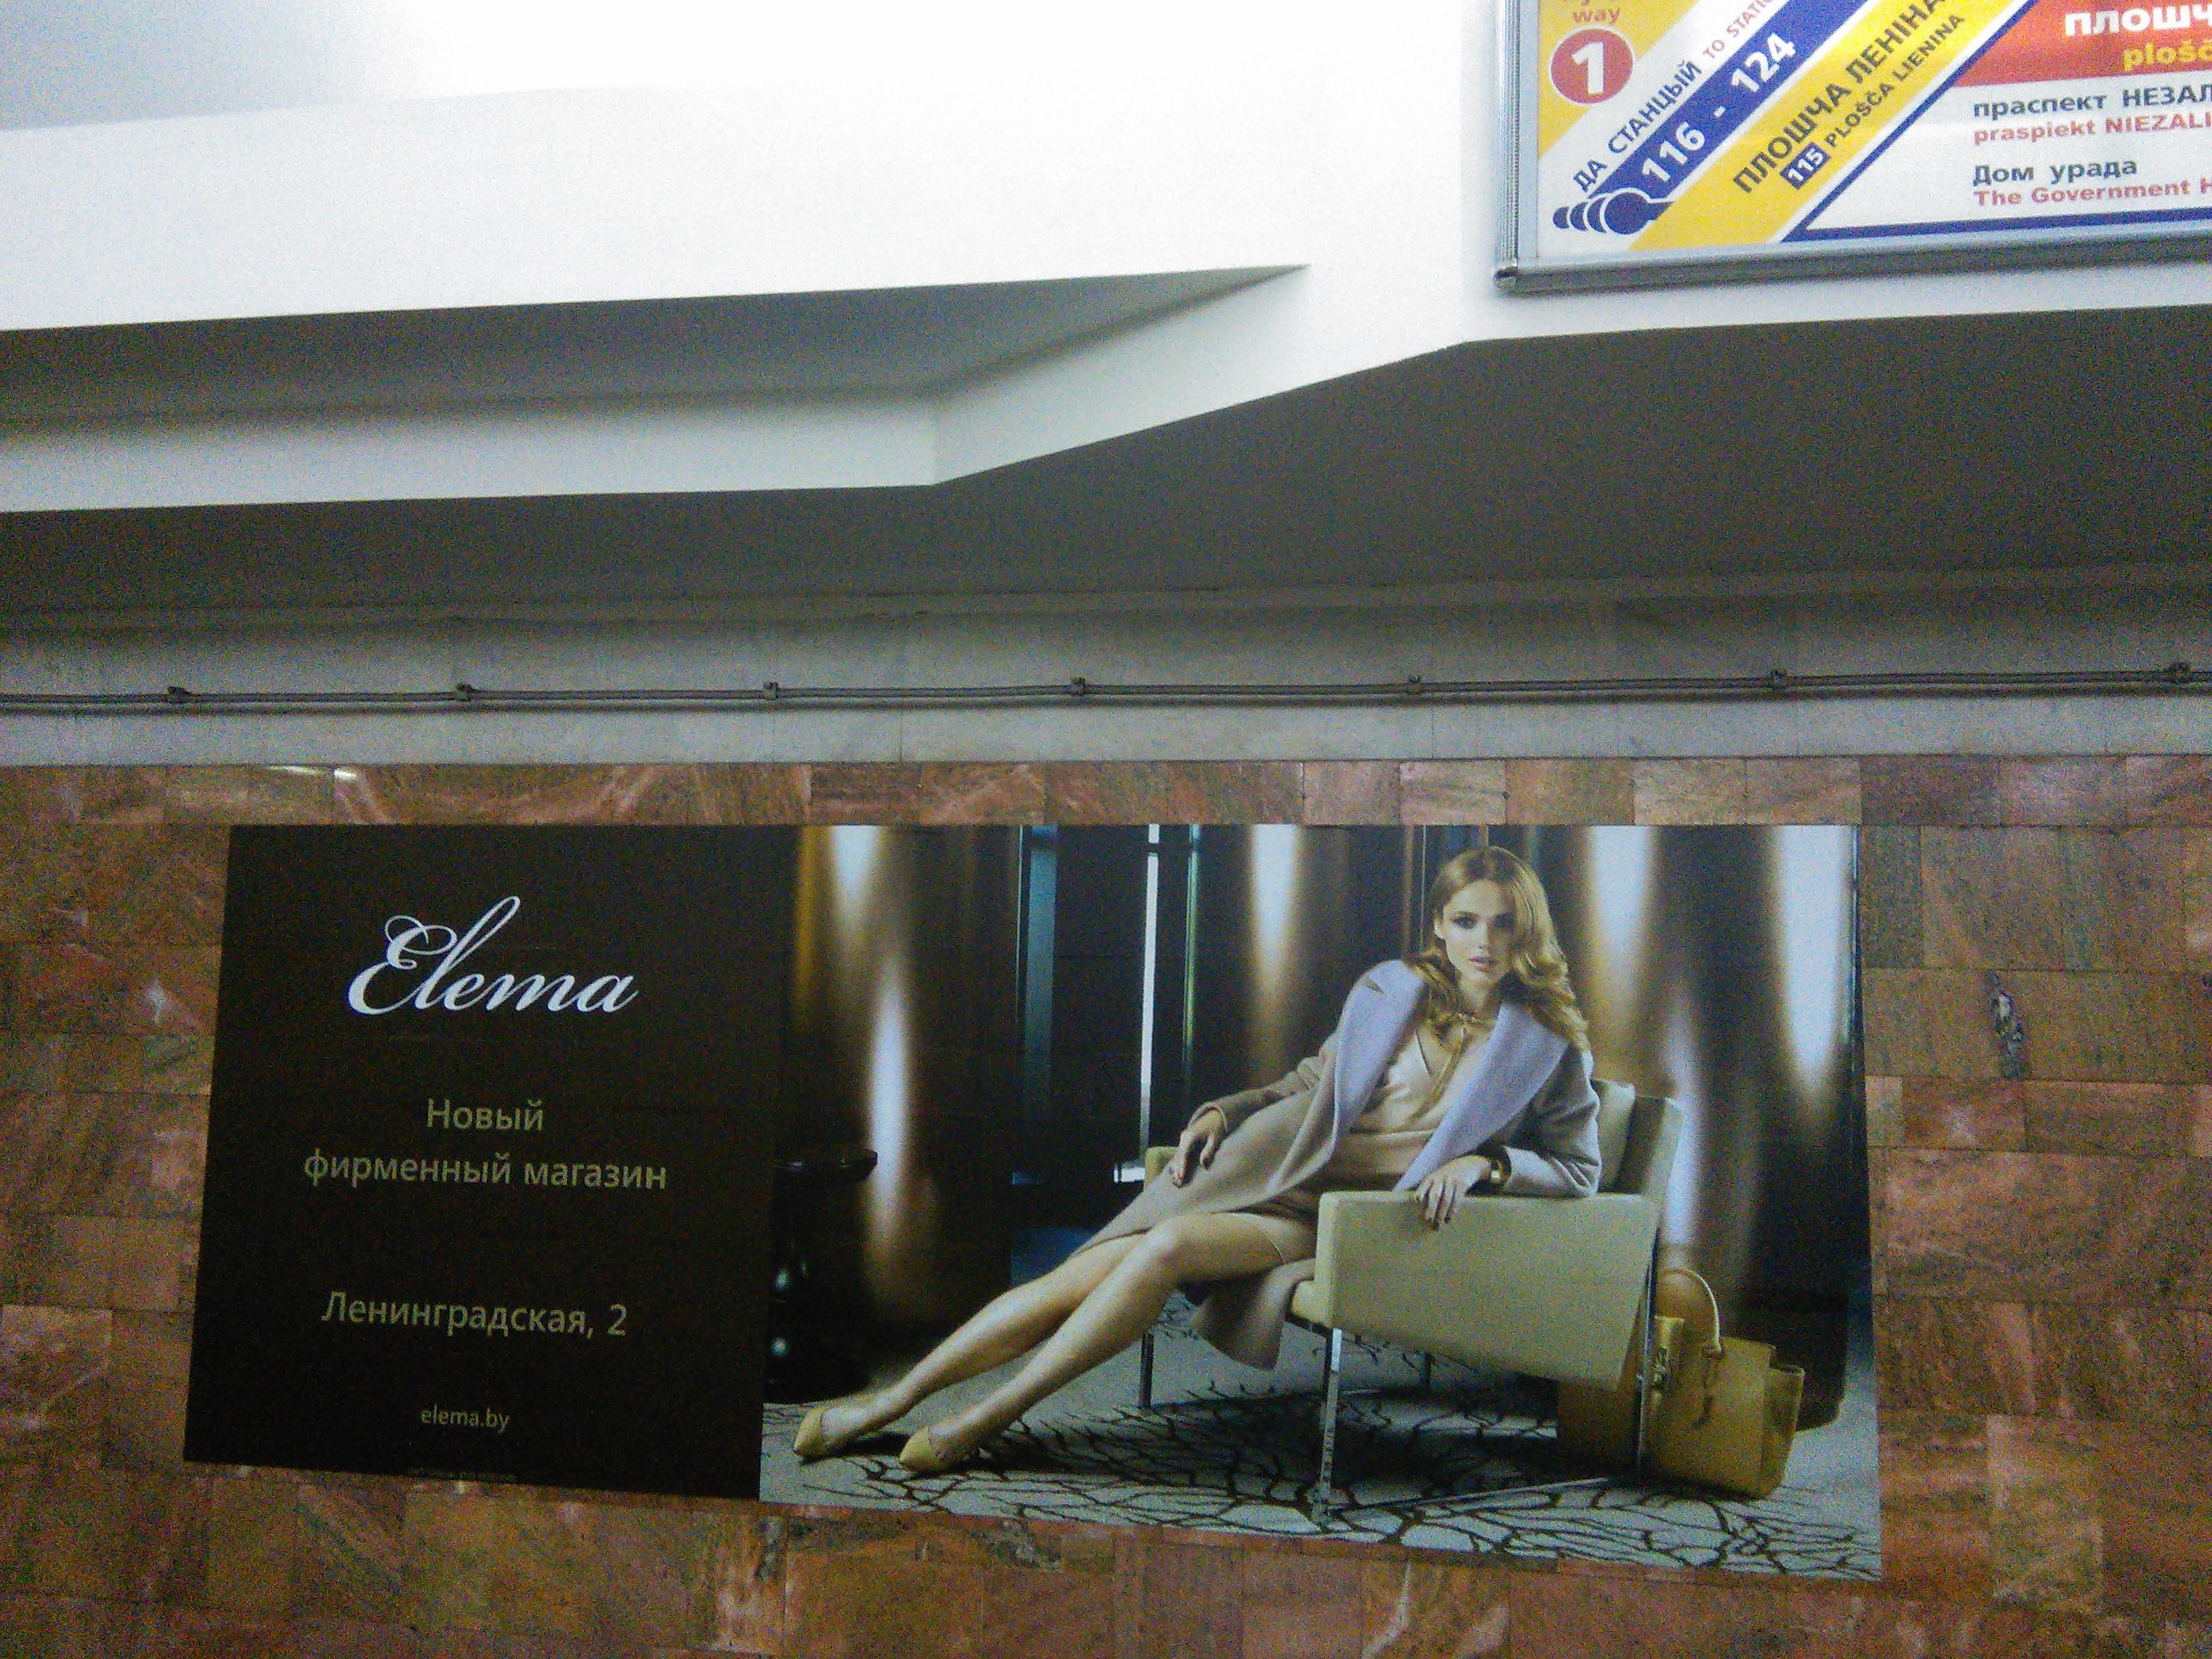 ps_Elema_Frunz